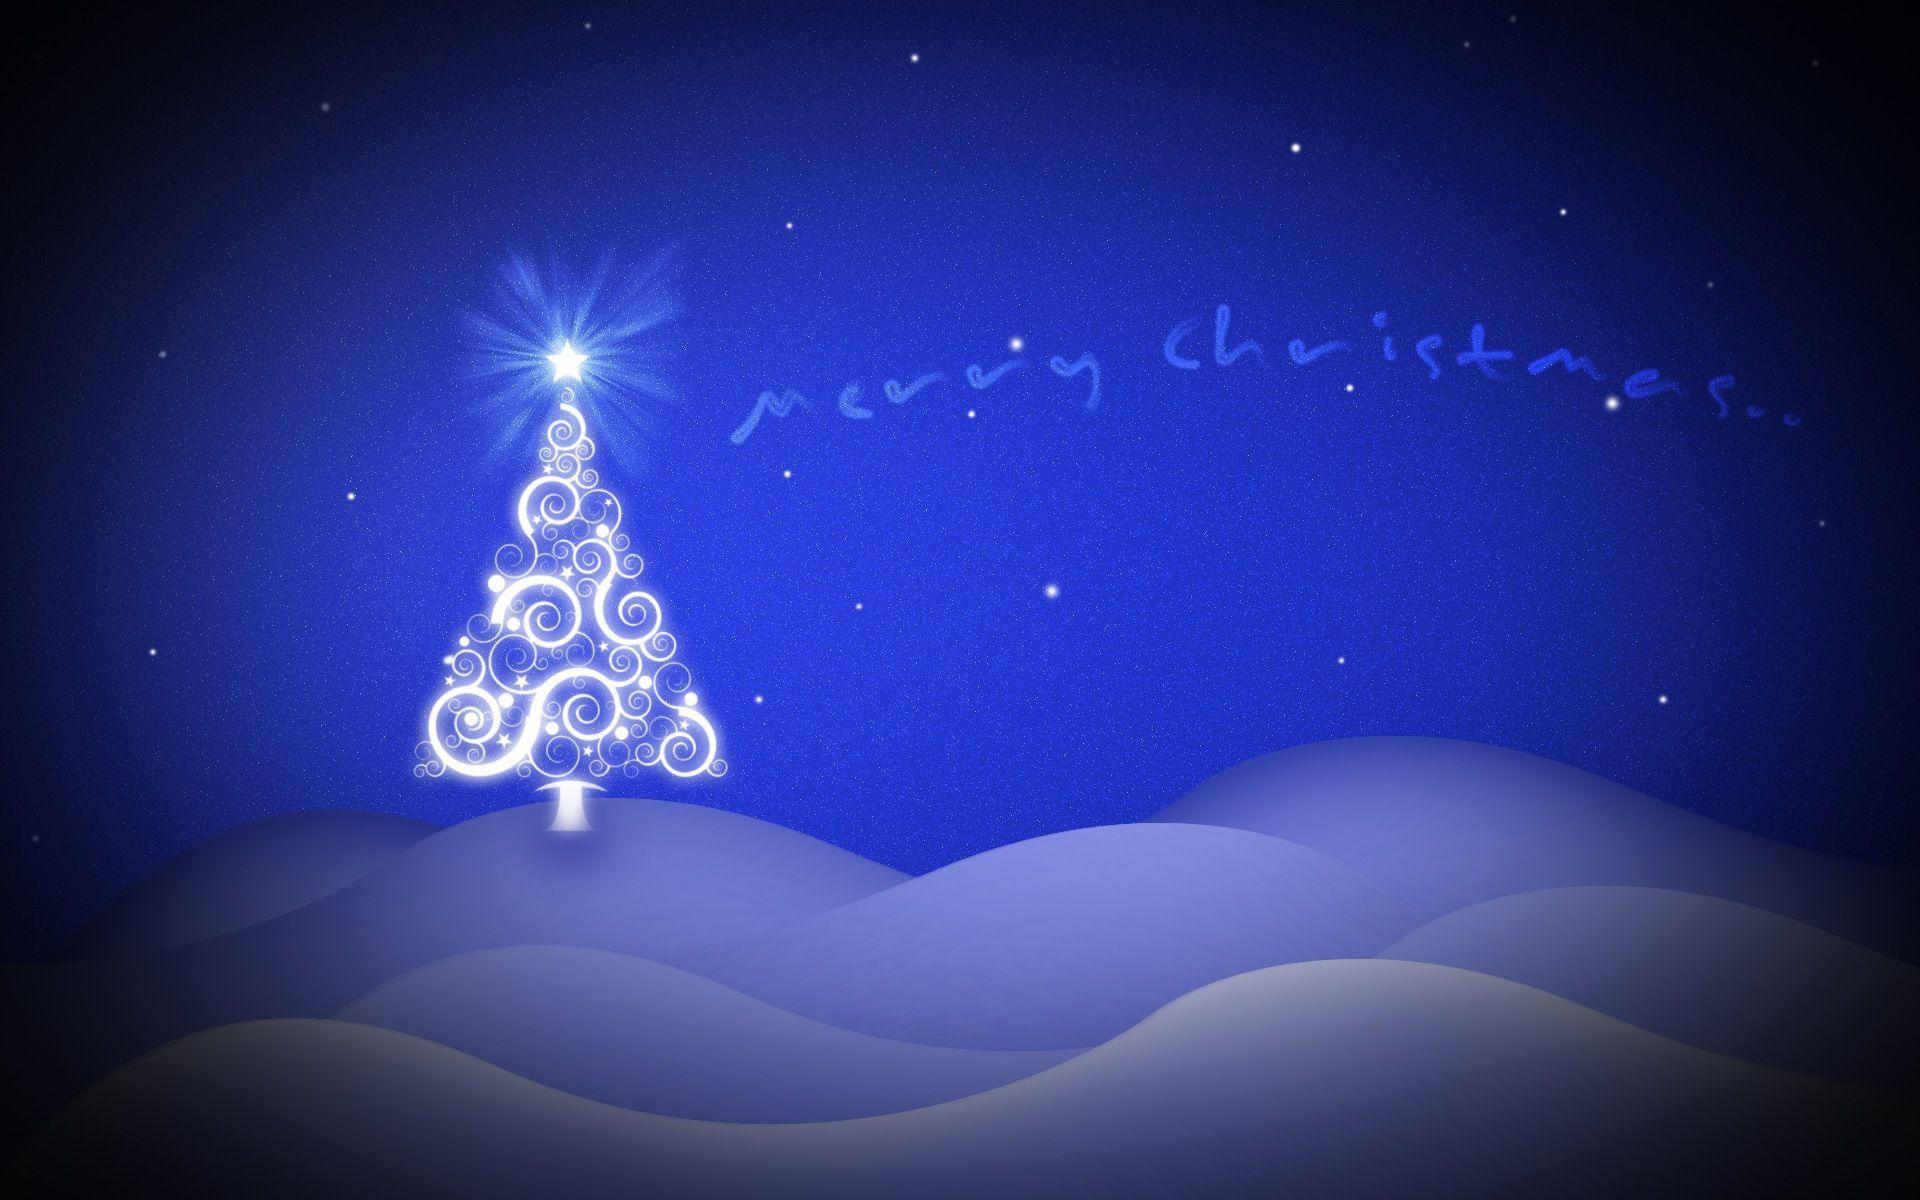 christian christmas wallpaper for desktop – www.